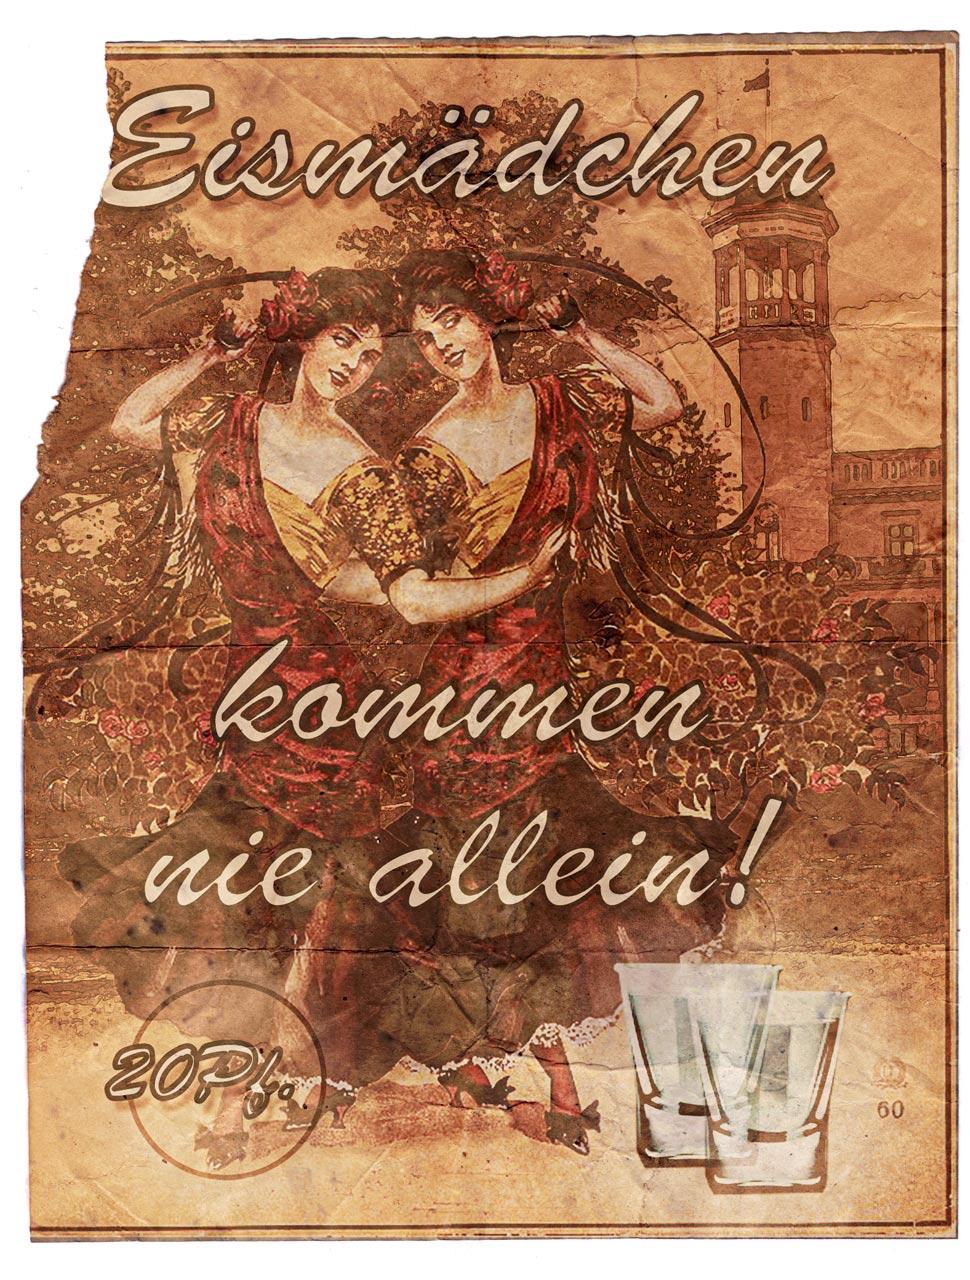 """""""Eismädchen"""" Werbung, ca. 1916. Schloss Biesdorf mit seinem charakteristischen Turm ist im Hintergrung gut zu erkennen."""